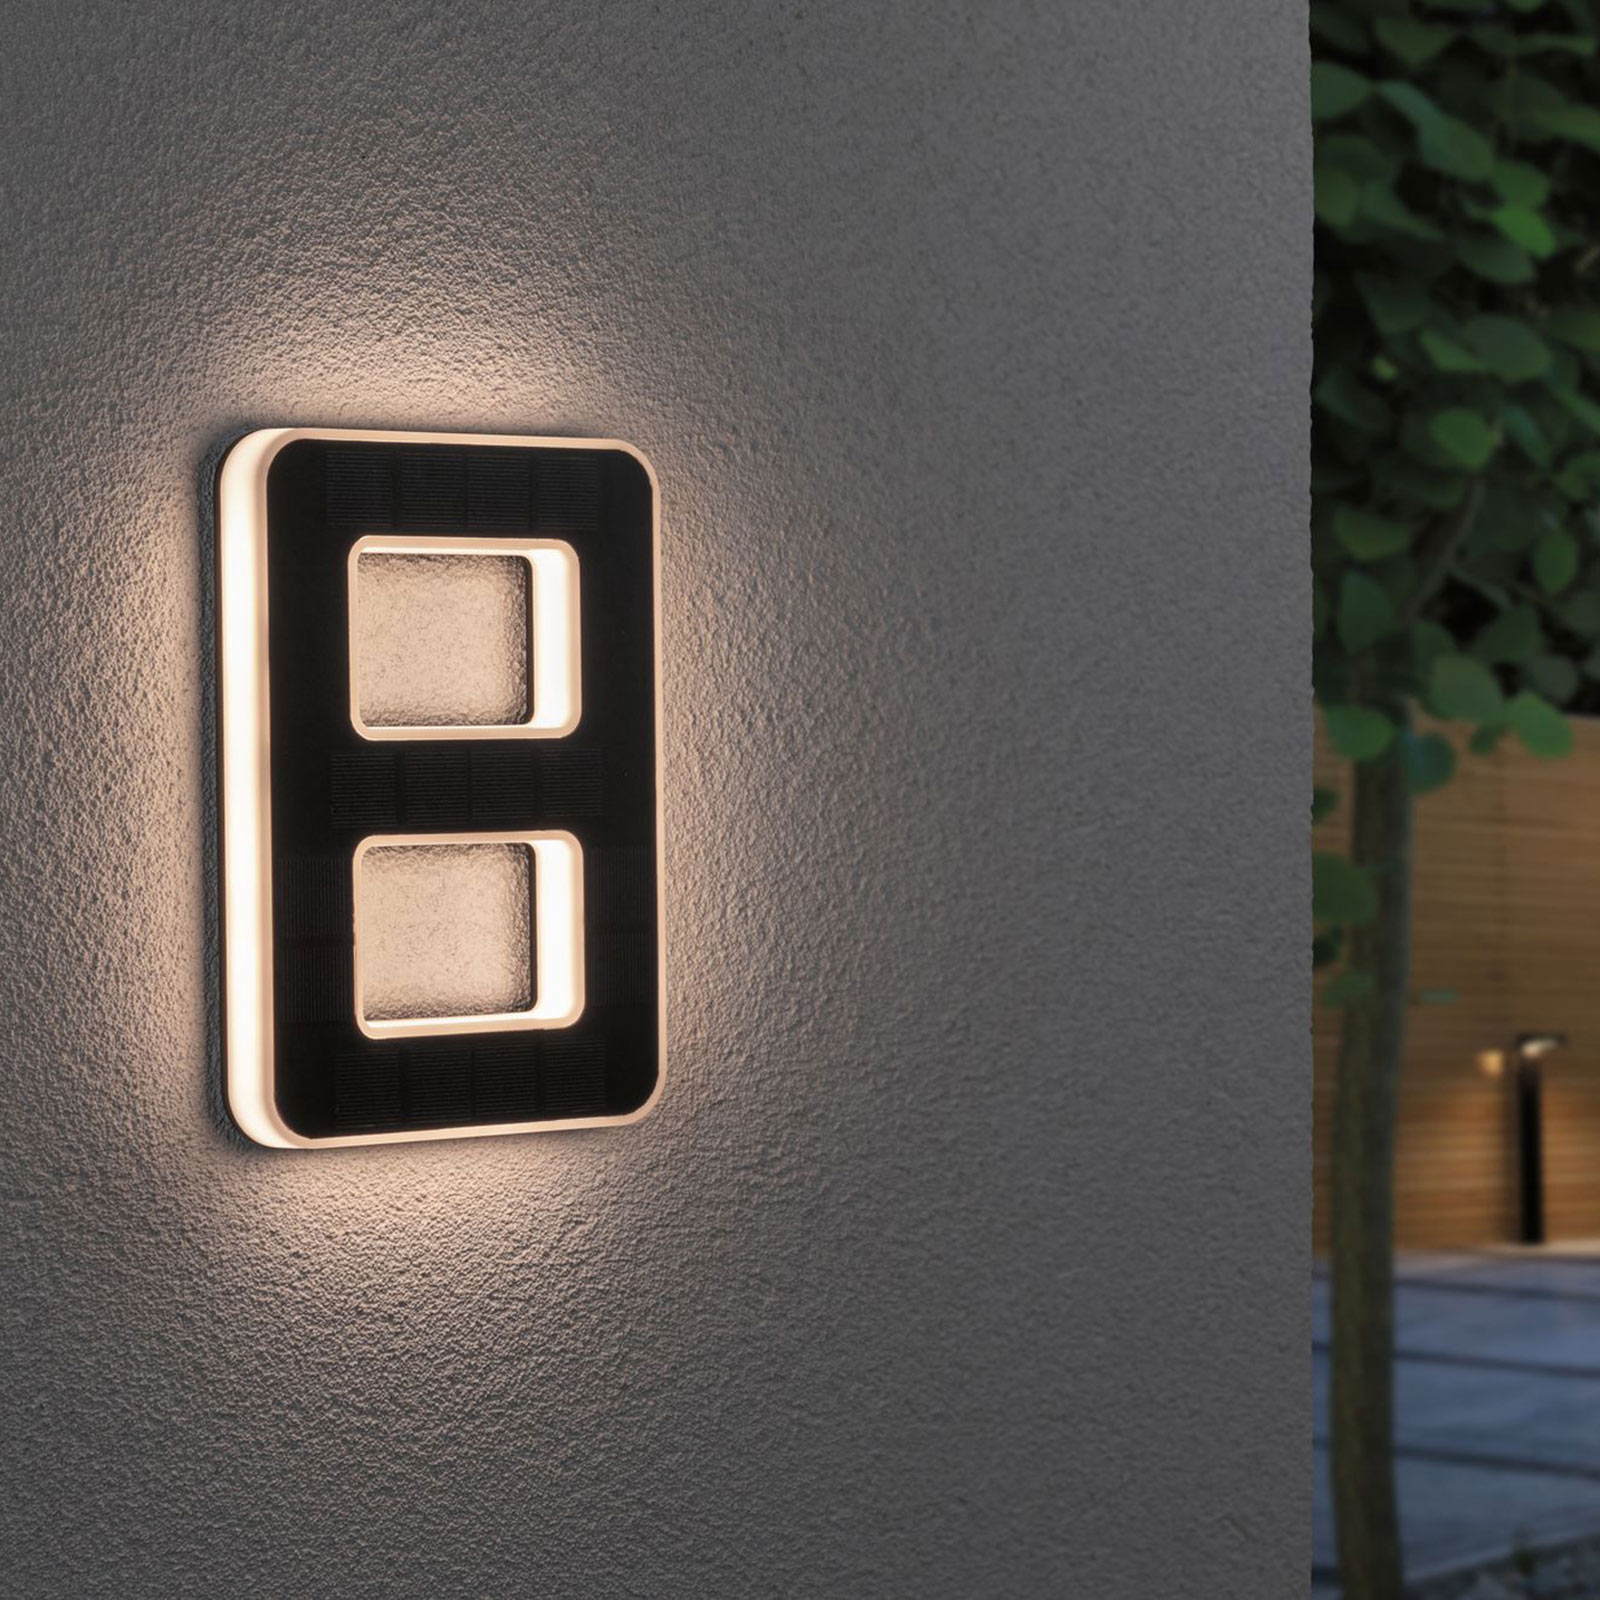 Paulmann lampada LED solare numero civico 8 Offerte e sconti